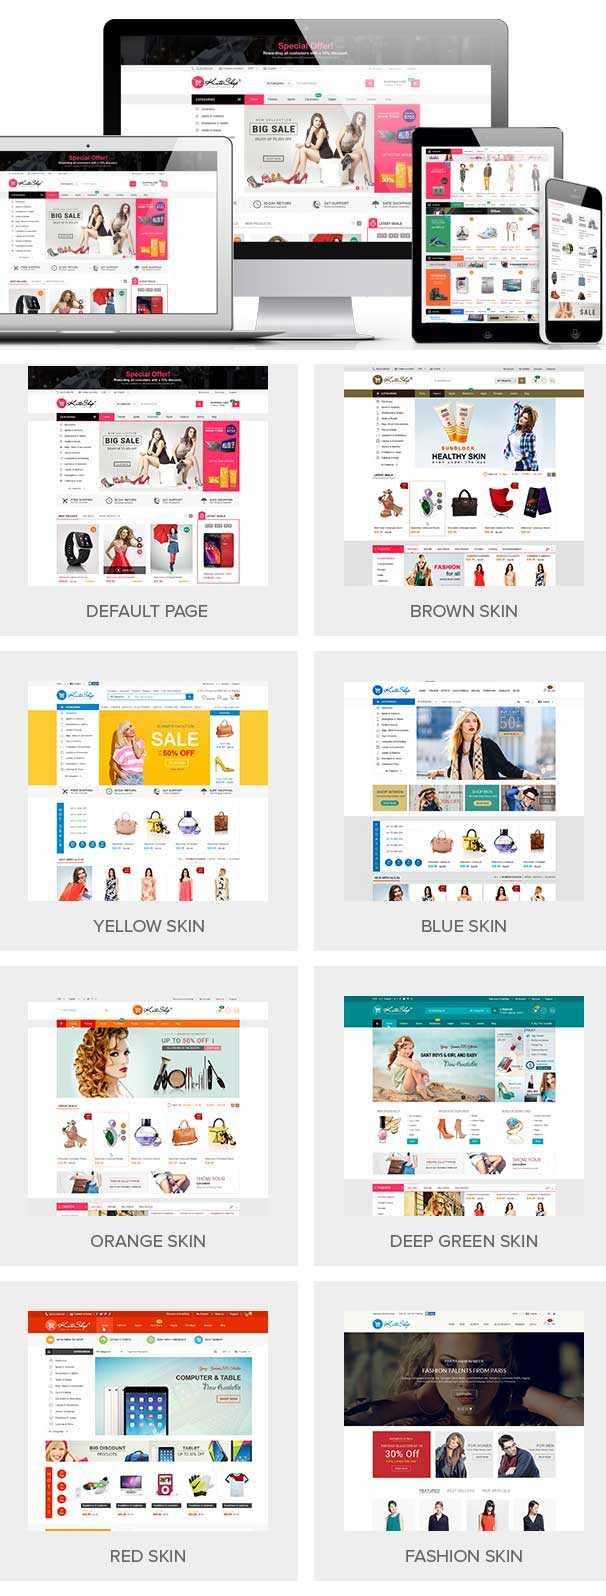 14款通用的生活服装购物类商城模板html源码